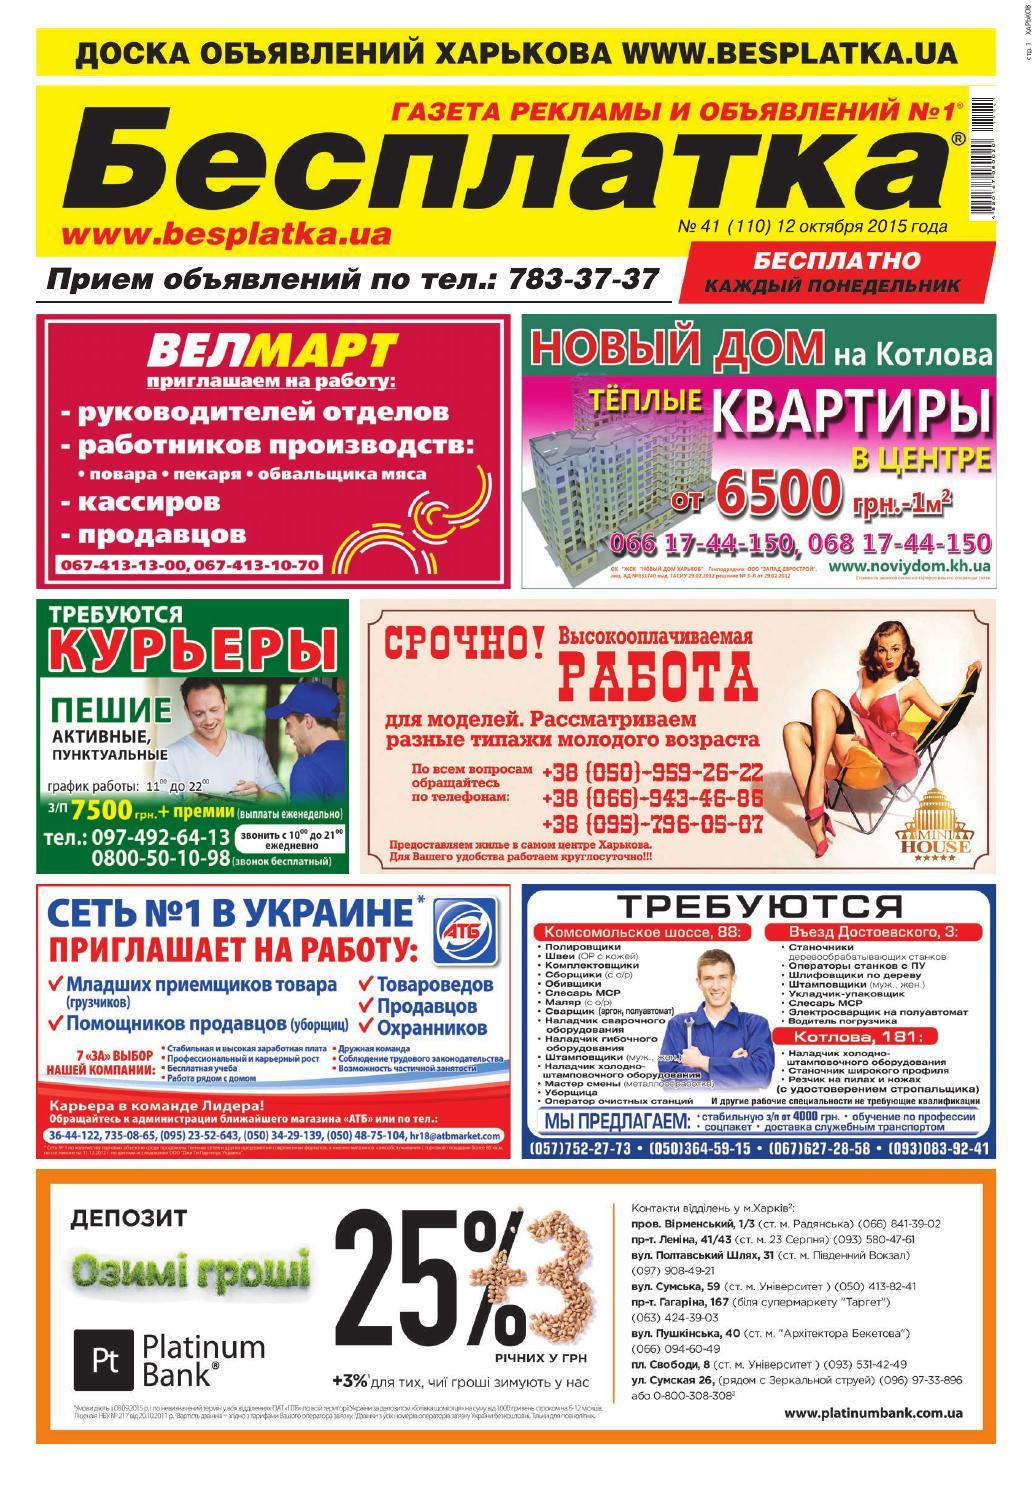 21db91418fbe Besplatka  41 Харьков by besplatka ukraine - issuu